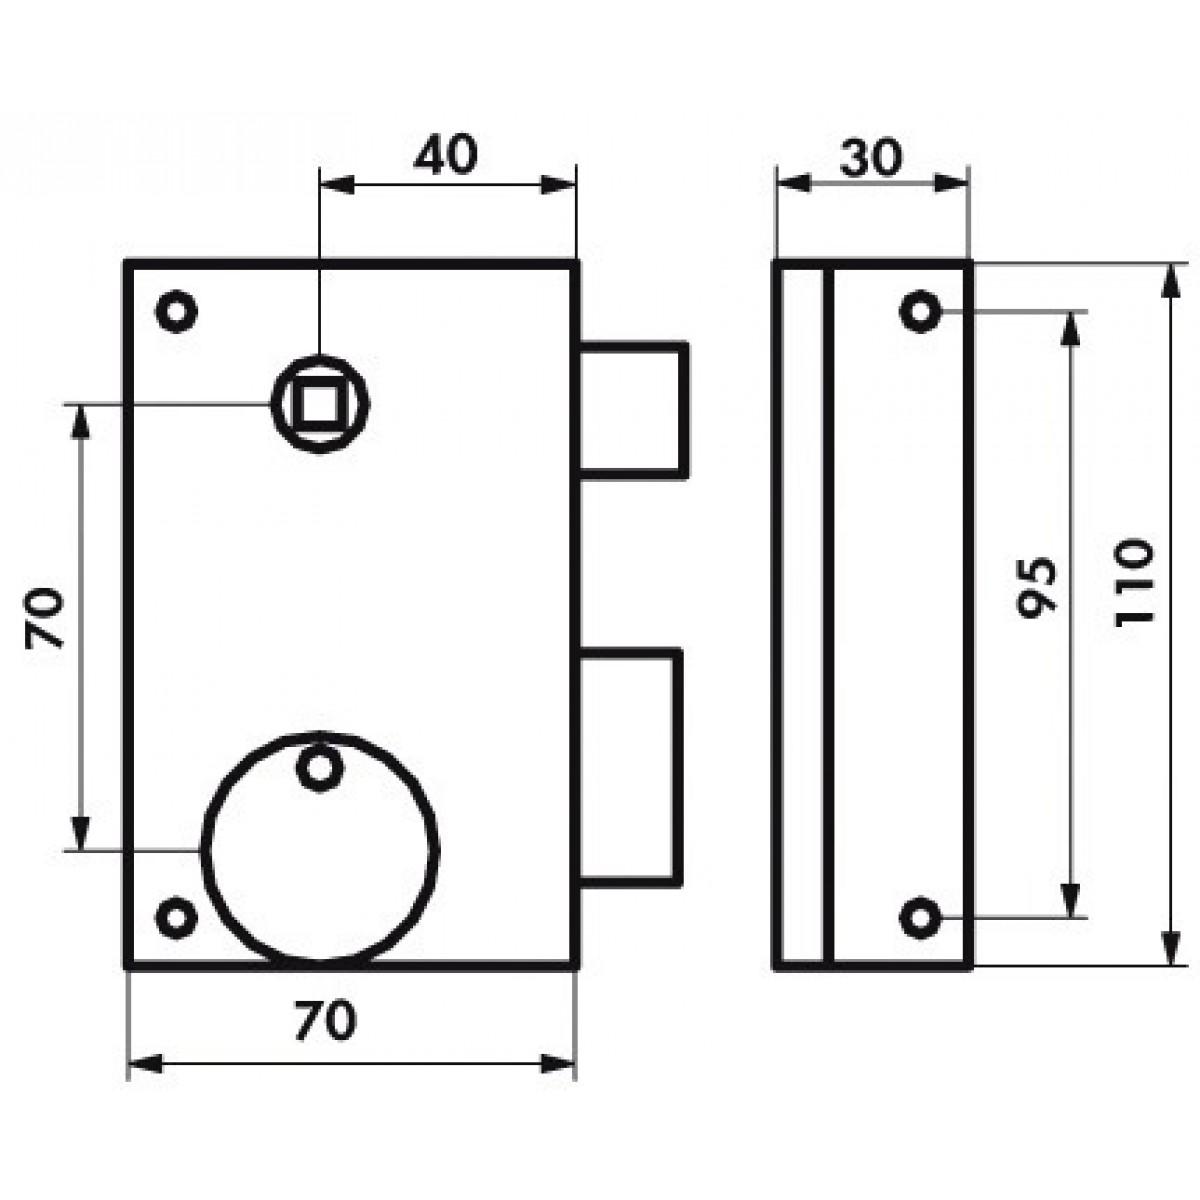 Serrure verticale pêne dormant 1/2 T Thirard - Noir - Droite - Section 7 mm - l x h - 70 x 110 mm